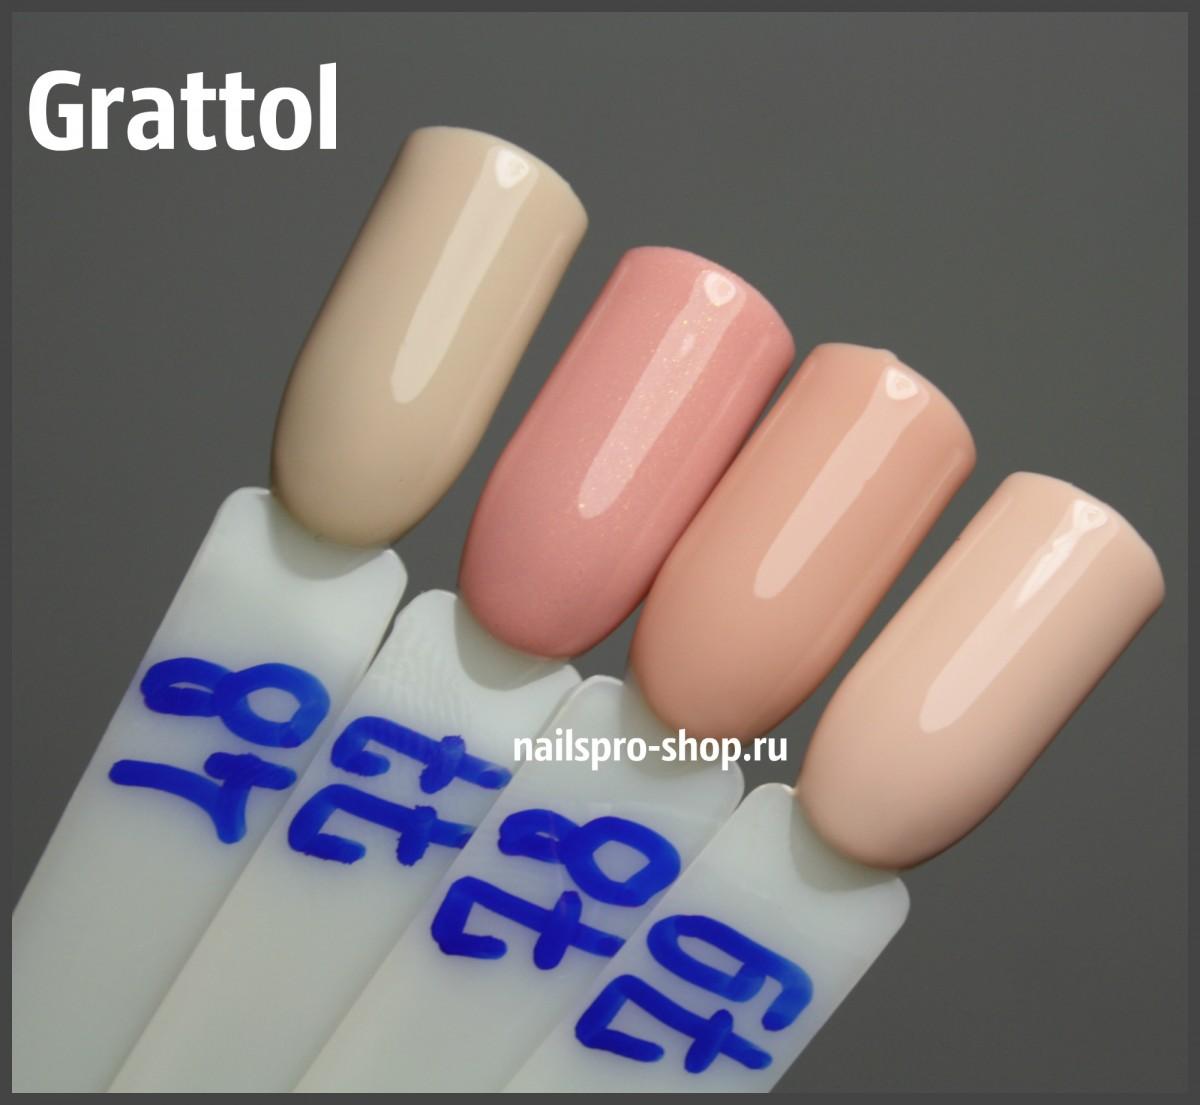 Grattol Color Gel Polish 079 Delicate Rose